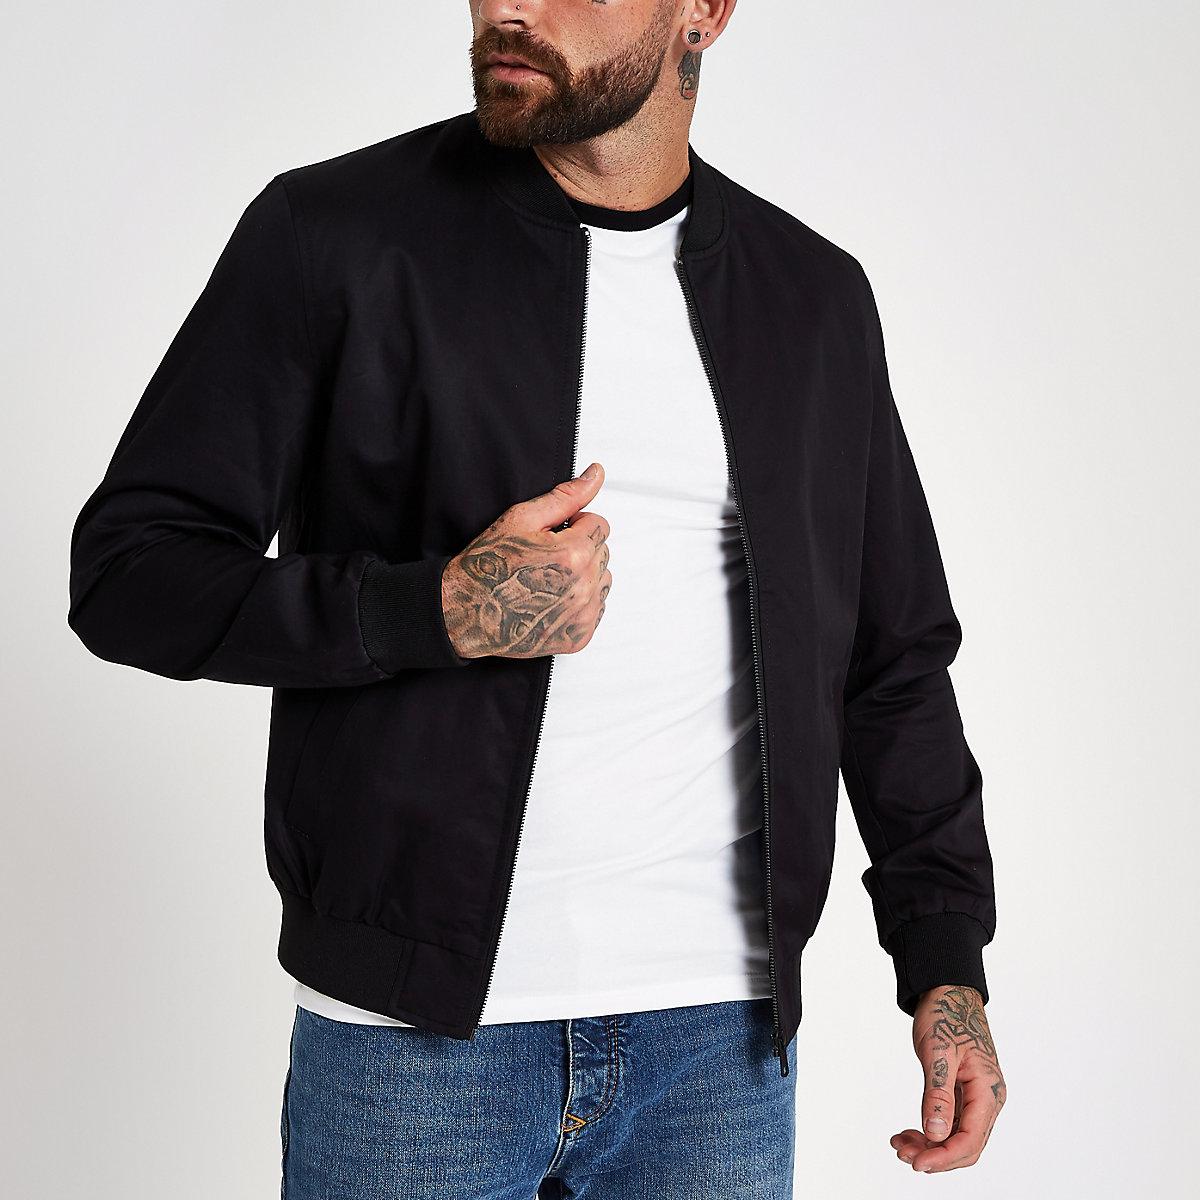 Black zip-up bomber jacket